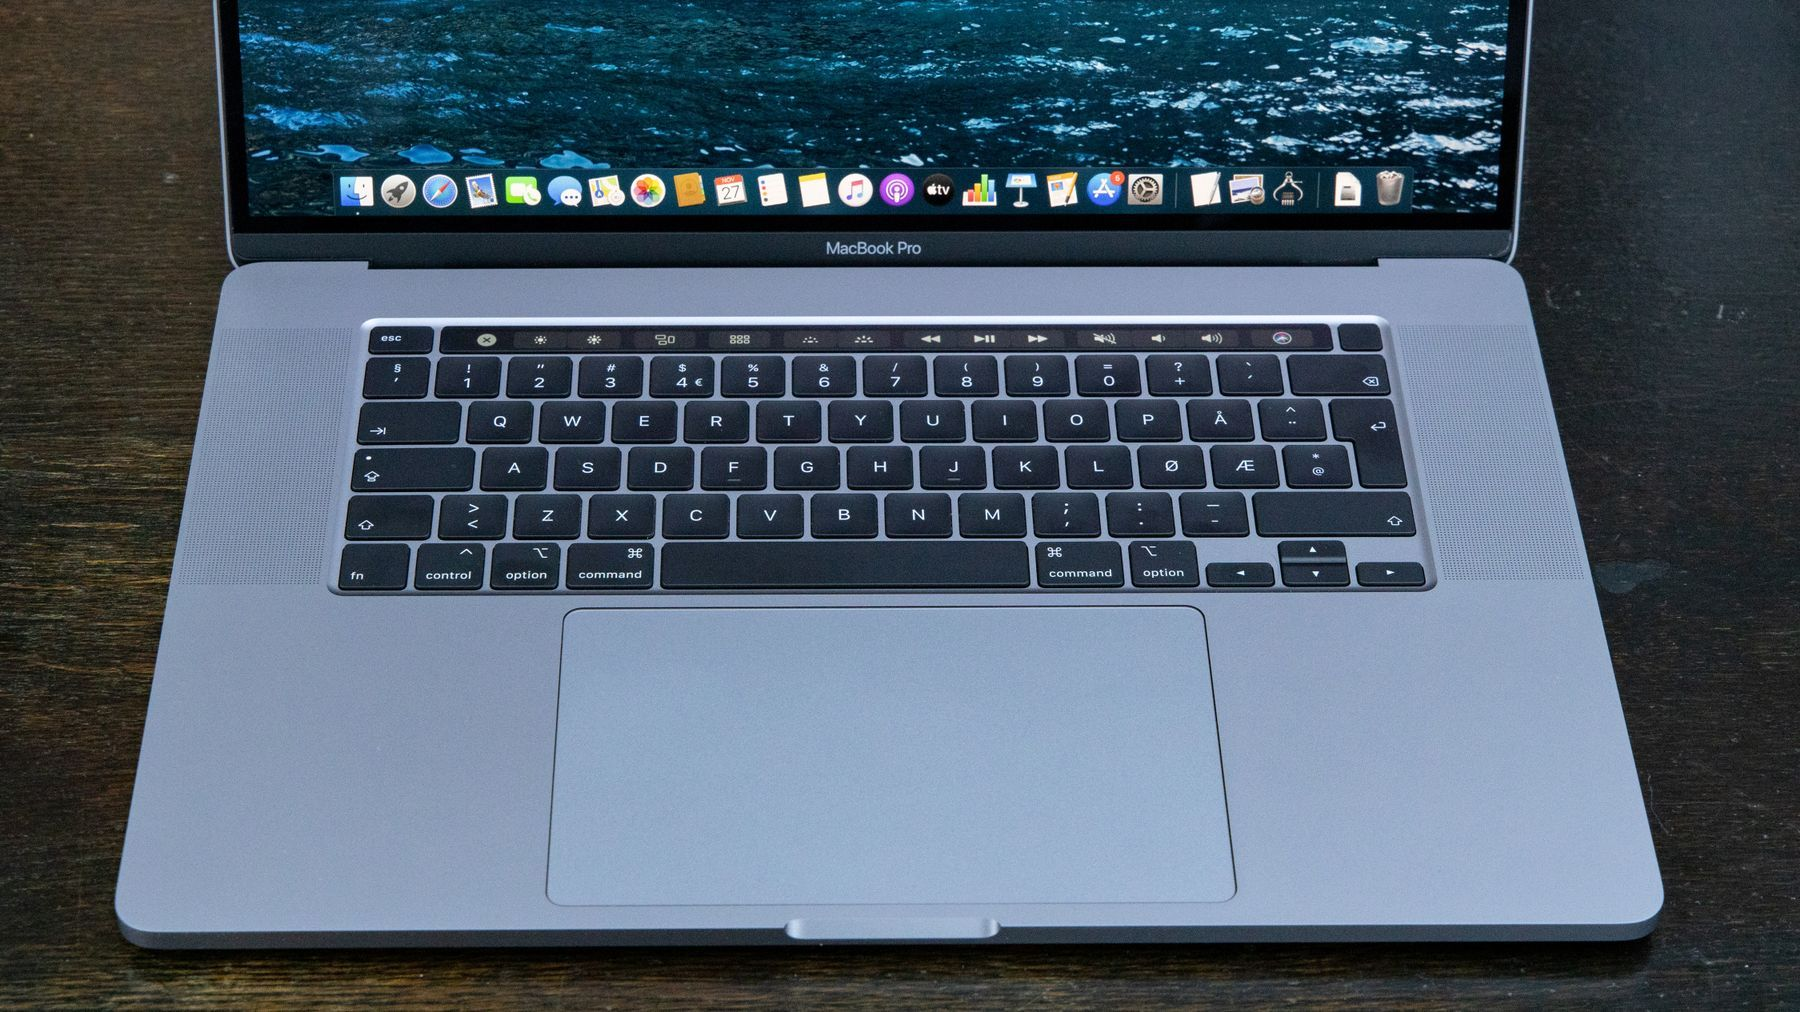 """Tastaturet på nye MacBook Pro 16"""" ser ganske likt ut som før, men i praksis føles det langt bedre enn modellene med «sommerfugl»-brytere."""